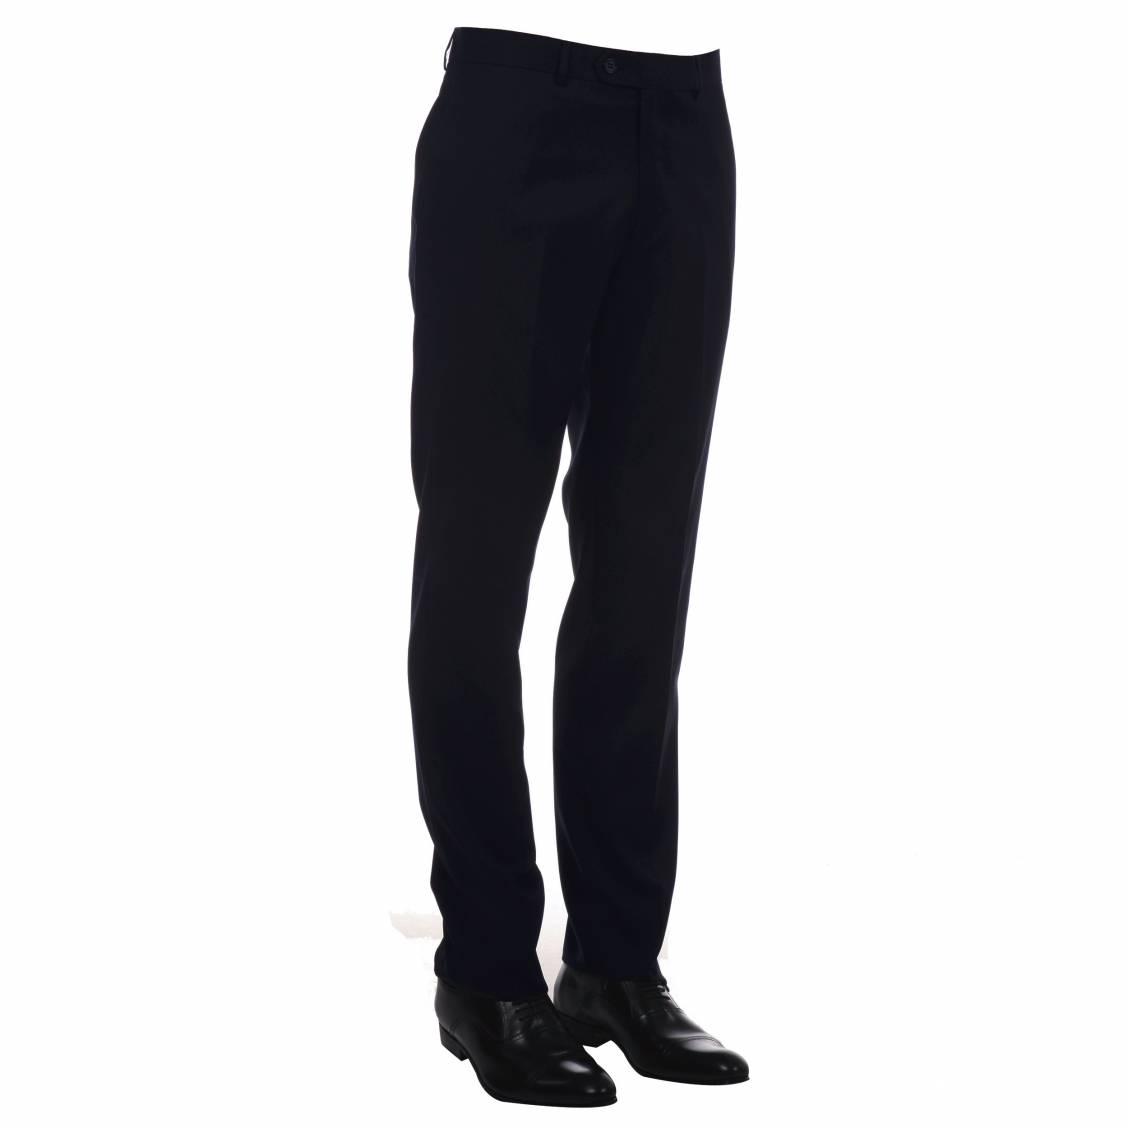 Pantalon de costume Marine, coupe droite. Marque de de vêtements et accessoires pour Hommes, Touche finale allie modernité et allure avec